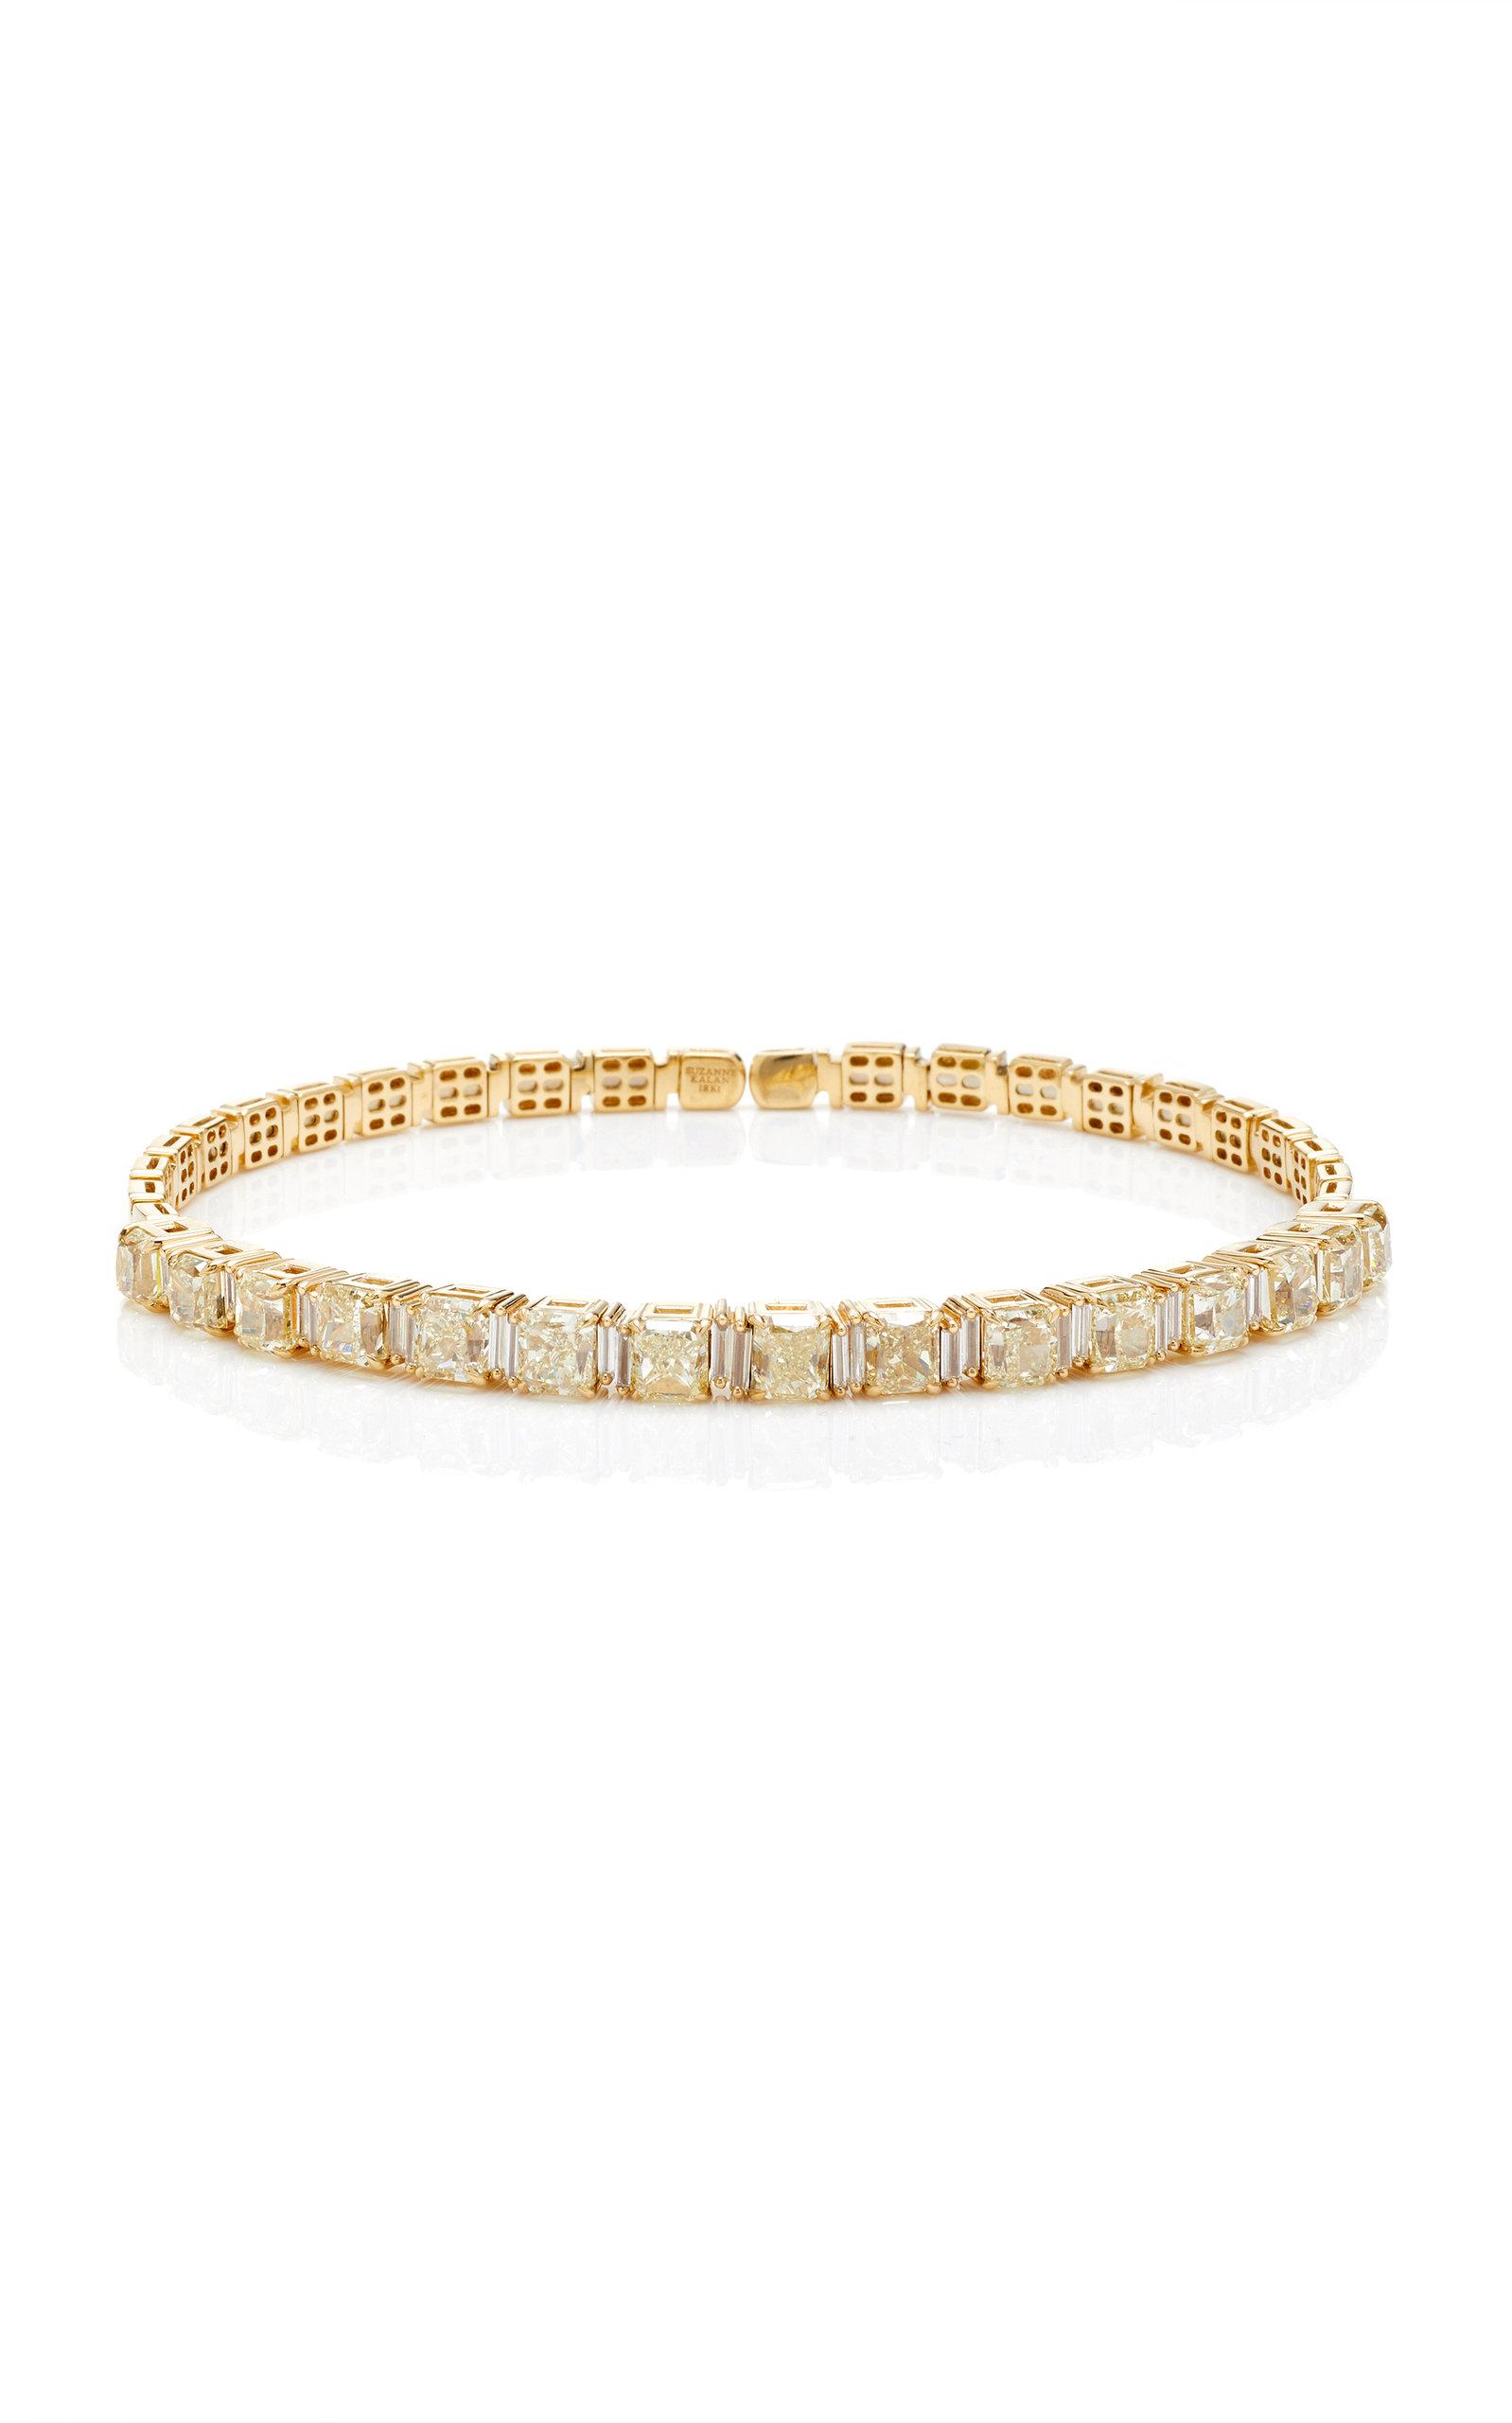 SUZANNE KALAN ONE-OF-A-KIND YELLOW DIAMOND CHOKER